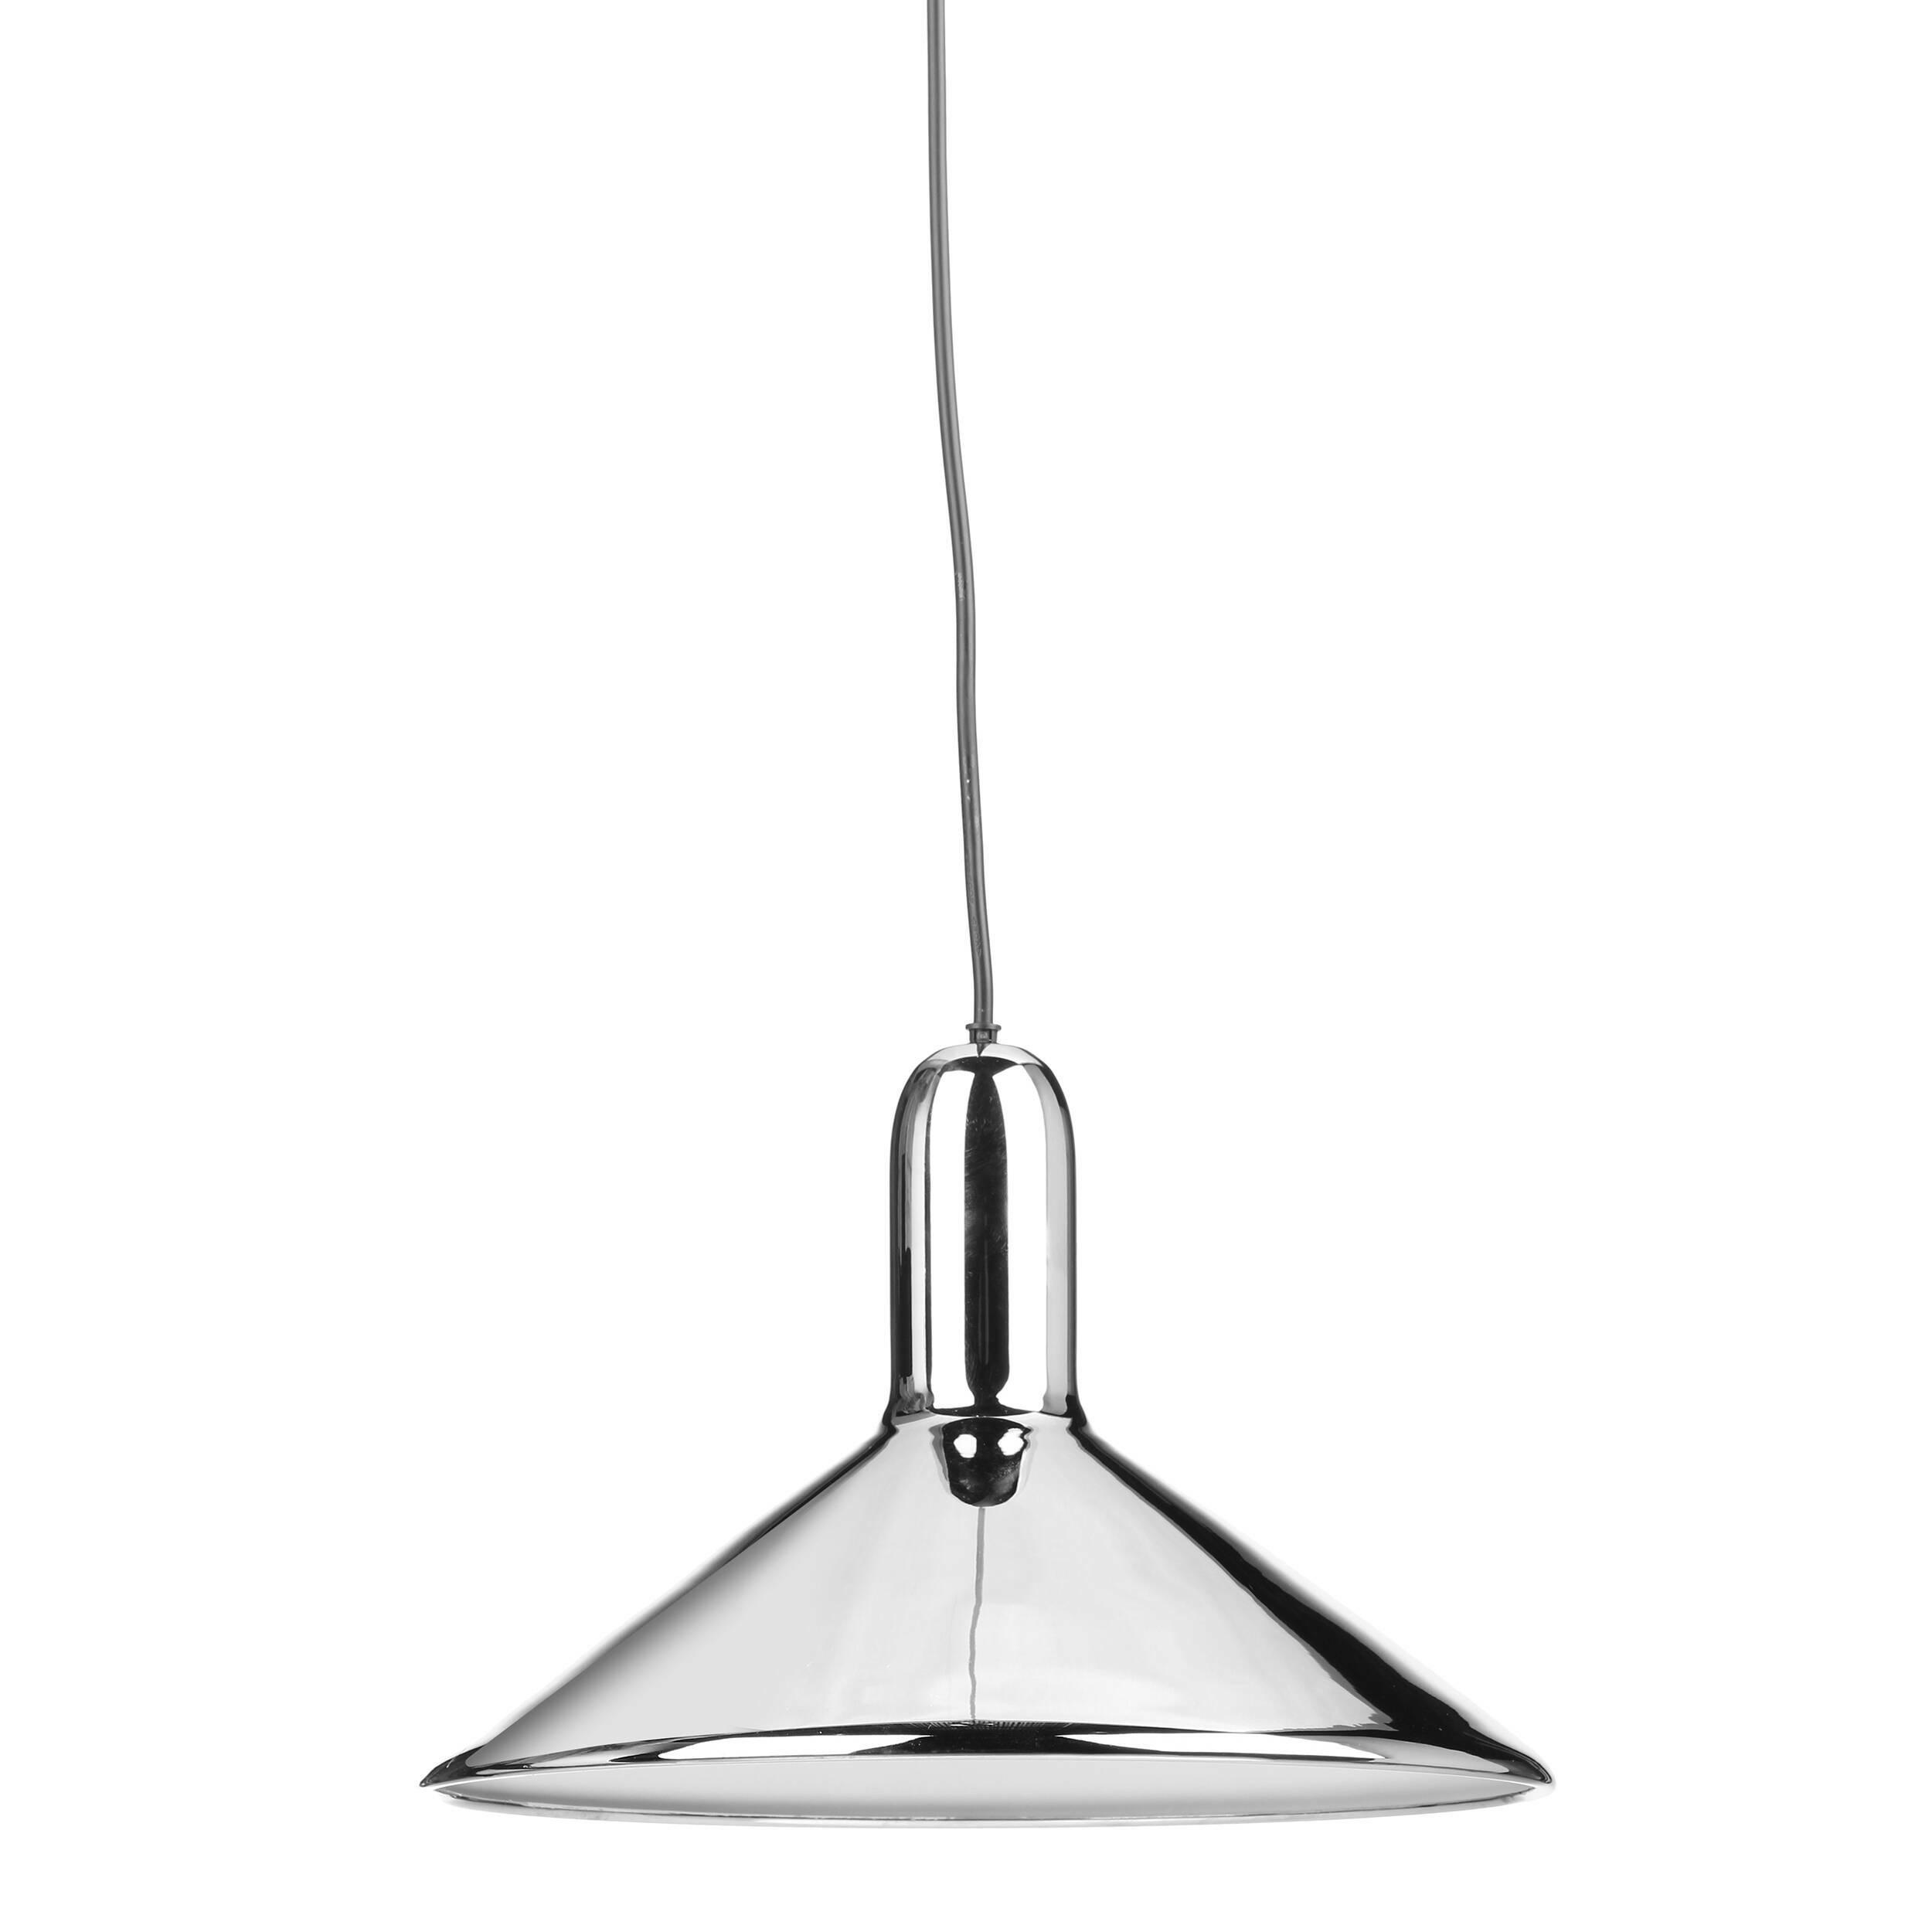 Подвесной светильник Torch диаметр 30Подвесные<br>Своему названию Torch (в переводе с английского «факел») подвесной светильник Torch диаметр 30 обязан прежде всего своей форме, которая действительно напоминает перевернутый факел. Но на самом деле на его создание талантливого бельгийского дизайнера Сильвена Вилленза вдохновило совсем не это, а… фары автомобиля. Многое в конструкции заимствовано именно оттуда. Универсальный цвет и блеск стали — то, что позволяет этому осветительному прибору вписаться в разнообразные интерьеры. <br><br><br> Подв...<br><br>stock: 0<br>Высота: 120<br>Диаметр: 30<br>Количество ламп: 1<br>Материал абажура: Сталь<br>Мощность лампы: 25<br>Ламп в комплекте: Нет<br>Напряжение: 220<br>Тип лампы/цоколь: E27<br>Цвет абажура: Хром